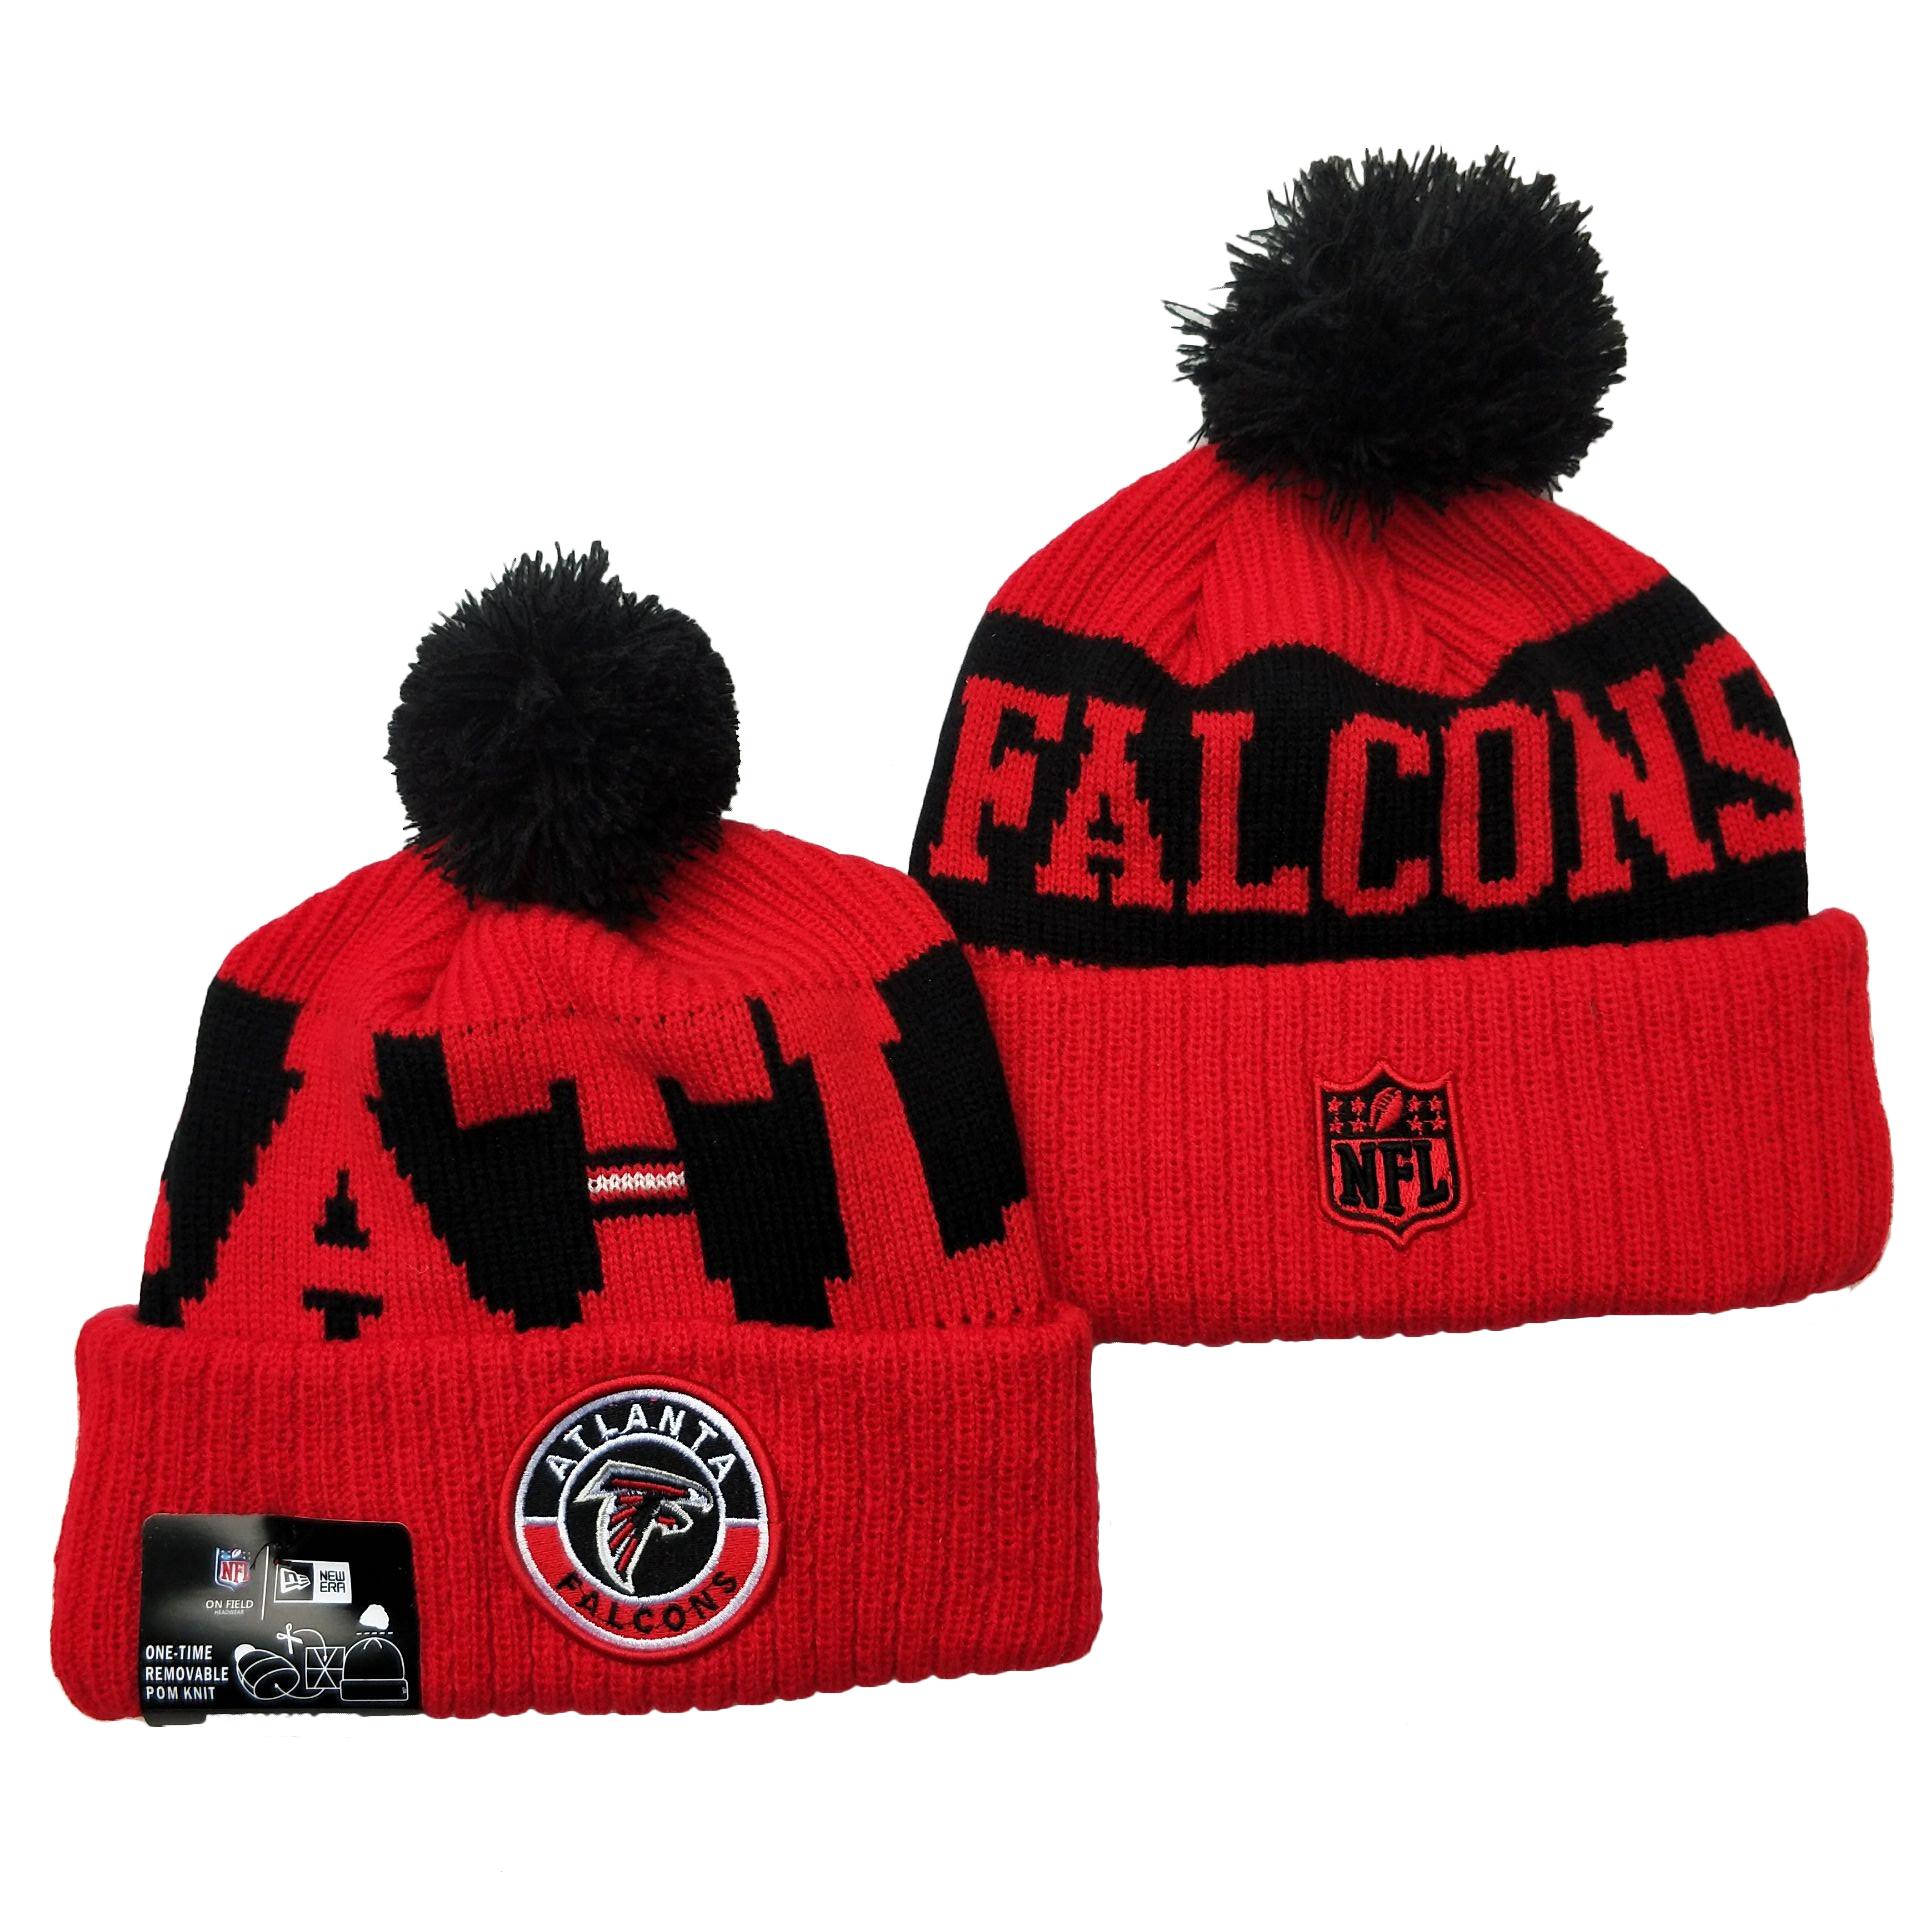 Falcons Team Logo Red 2020 NFL Sideline Pom Cuffed Knit Hat YD